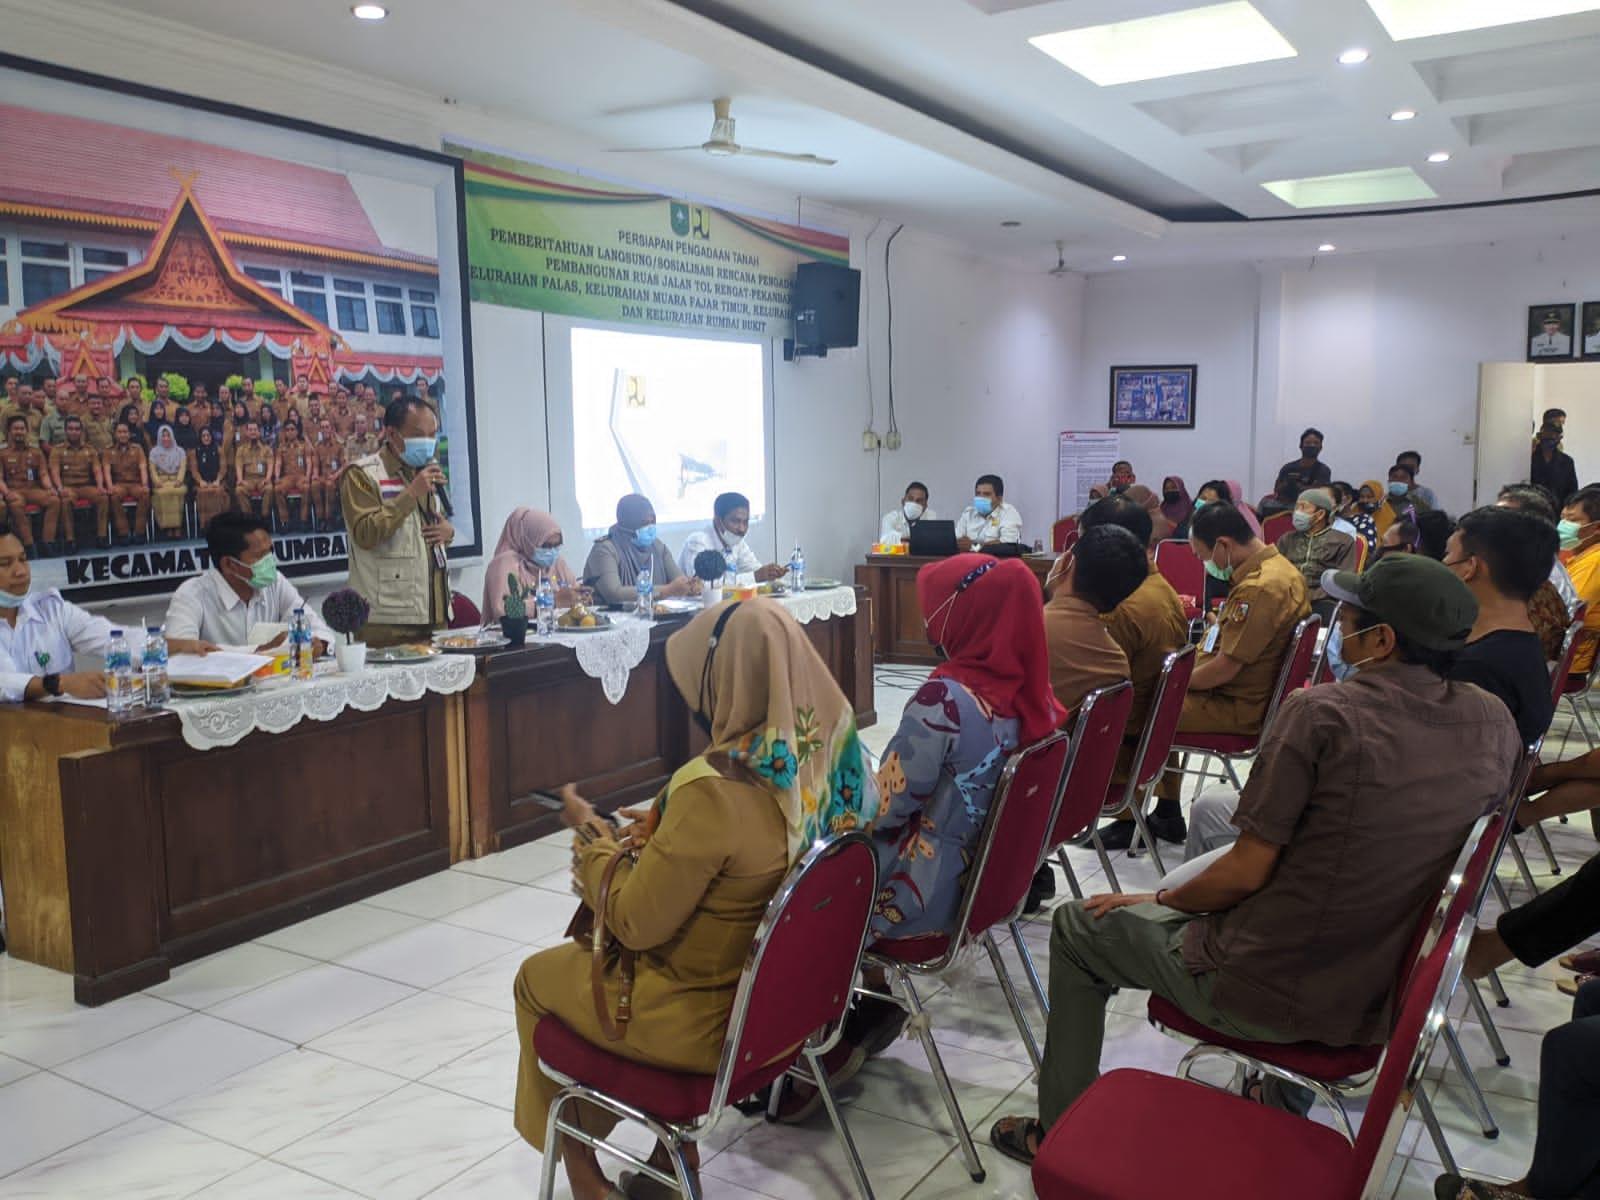 Kecamatan Rumbai Barat Sosialisasikan Pembangunan Tol Pekanbaru-Rengat